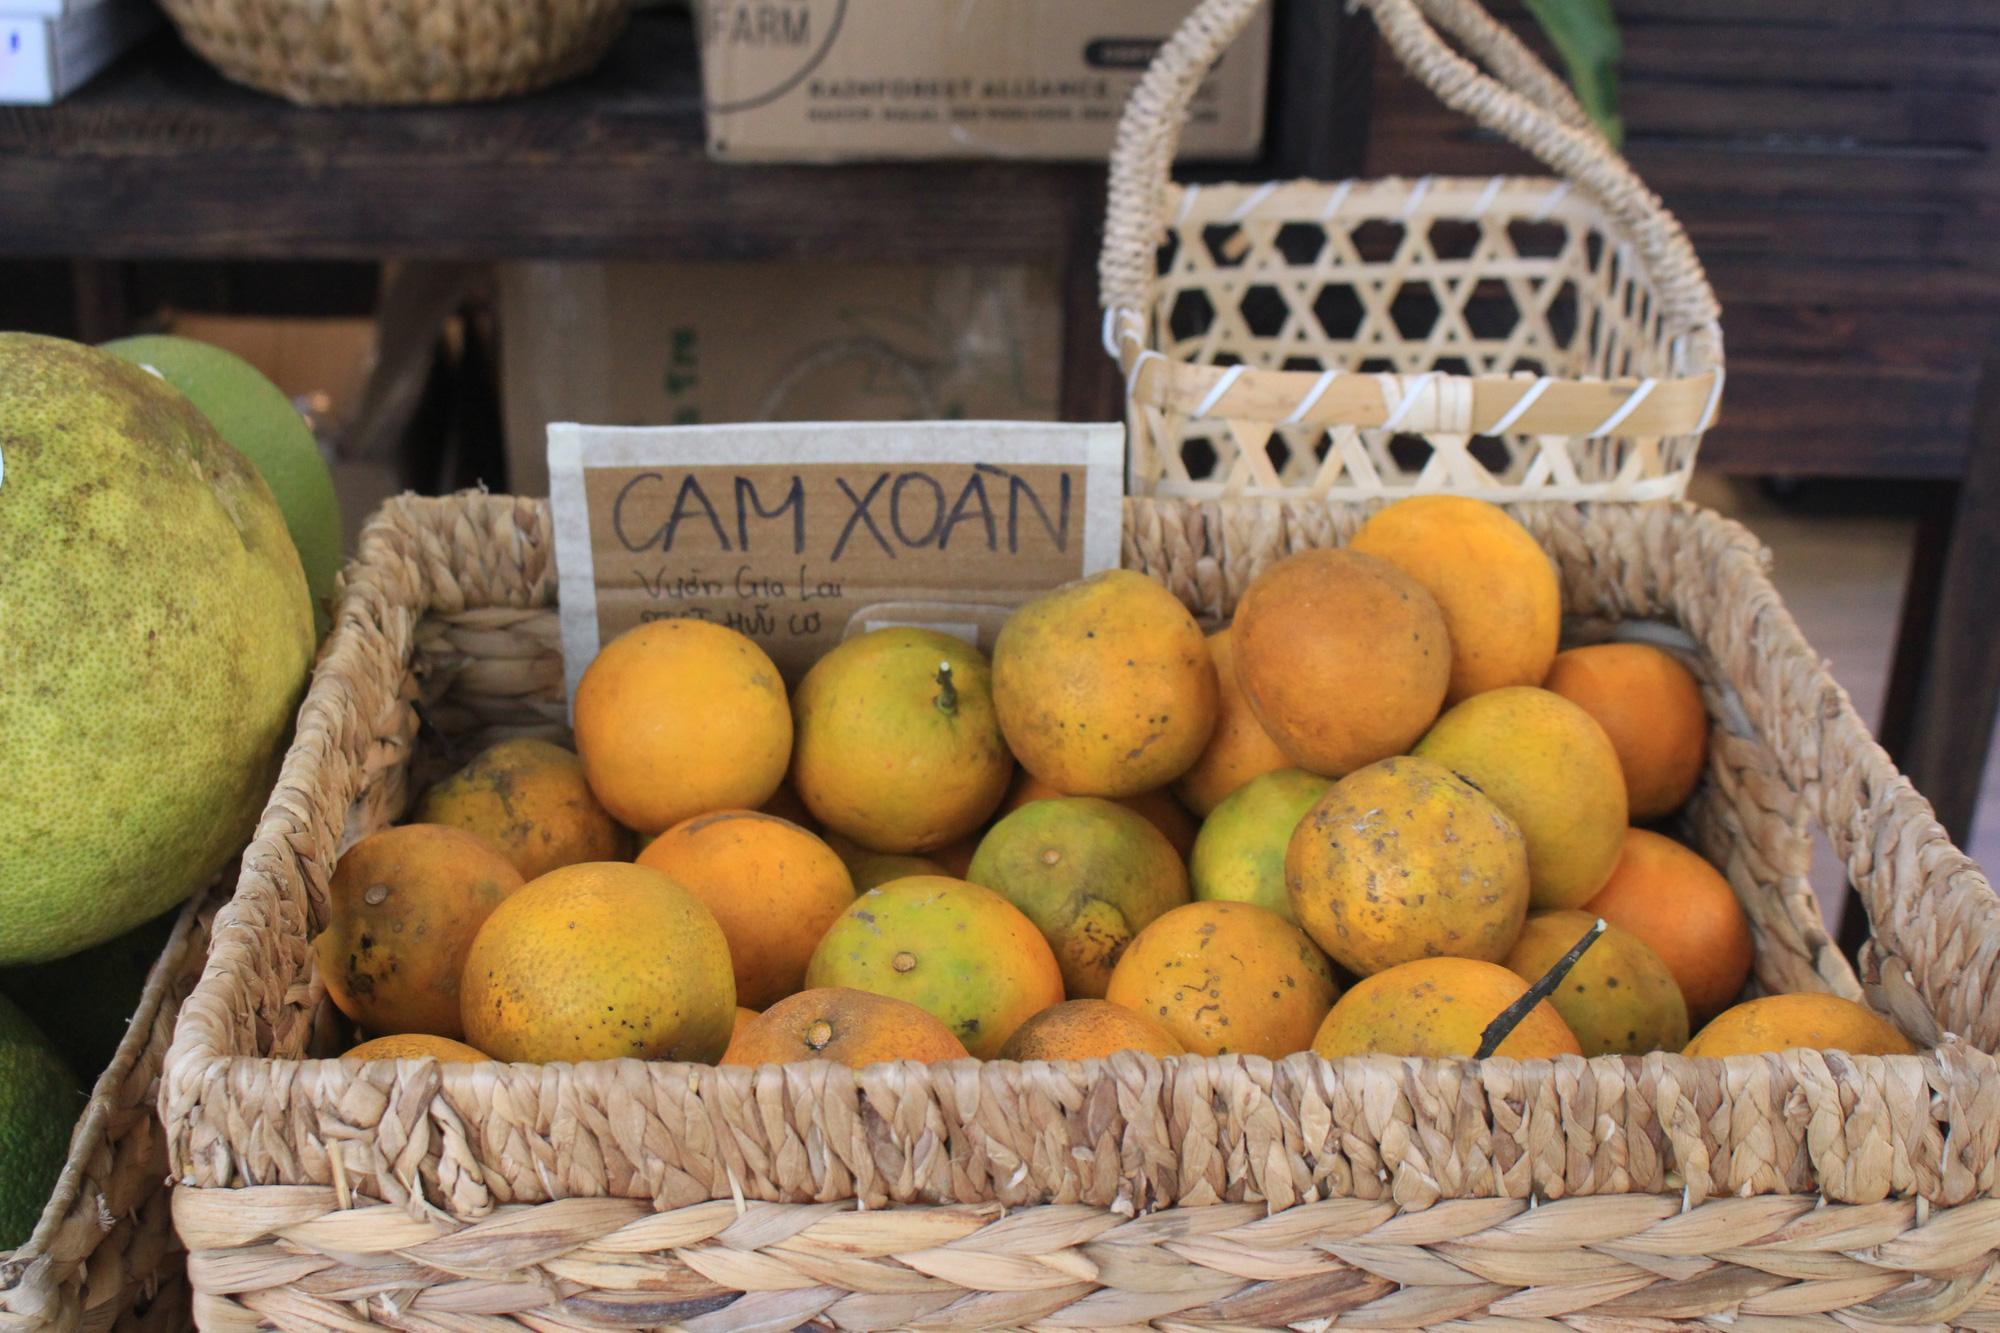 Siêu thị của nông dân đầu tiên ở Sài Gòn có gì, mà vừa mở bán, thanh long, cam canh đã bị mua sạch? - Ảnh 7.